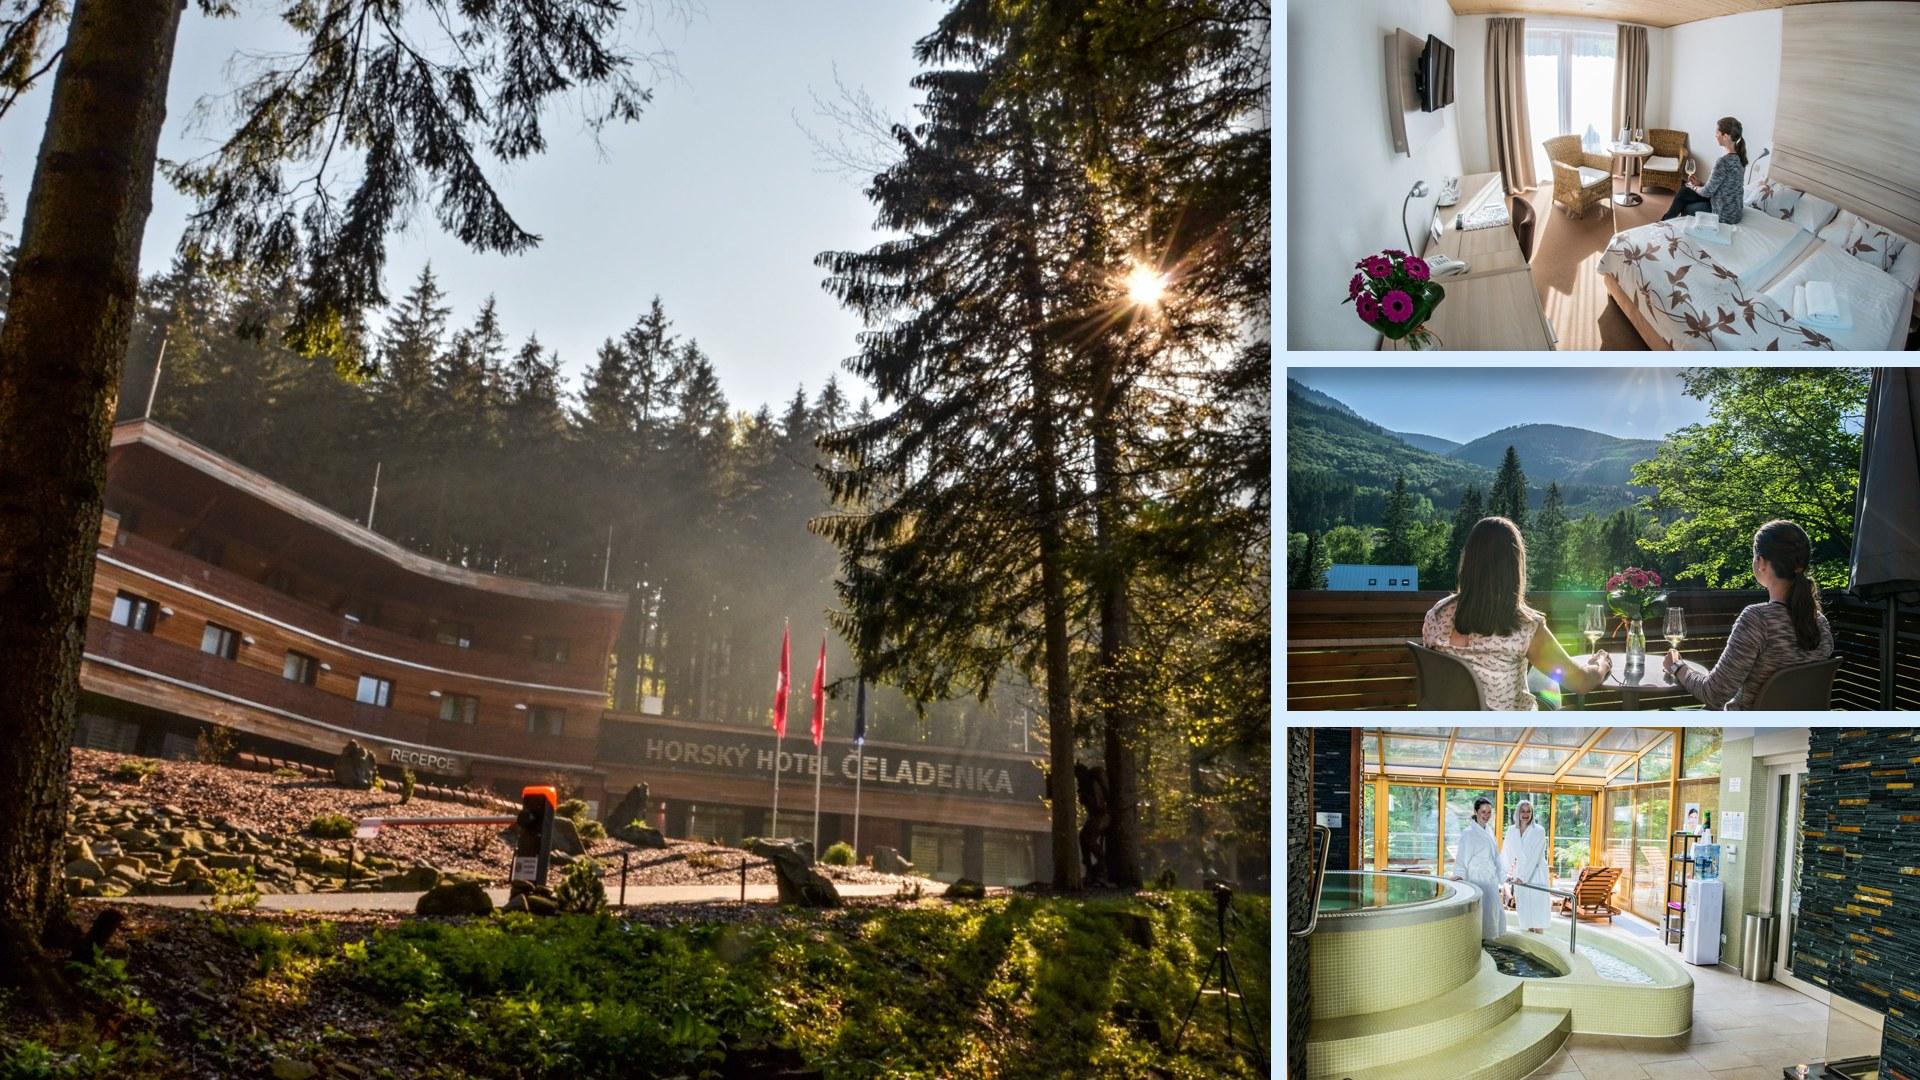 Horský hotel Čeladenka - Oceňovaný hotel v Beskydech